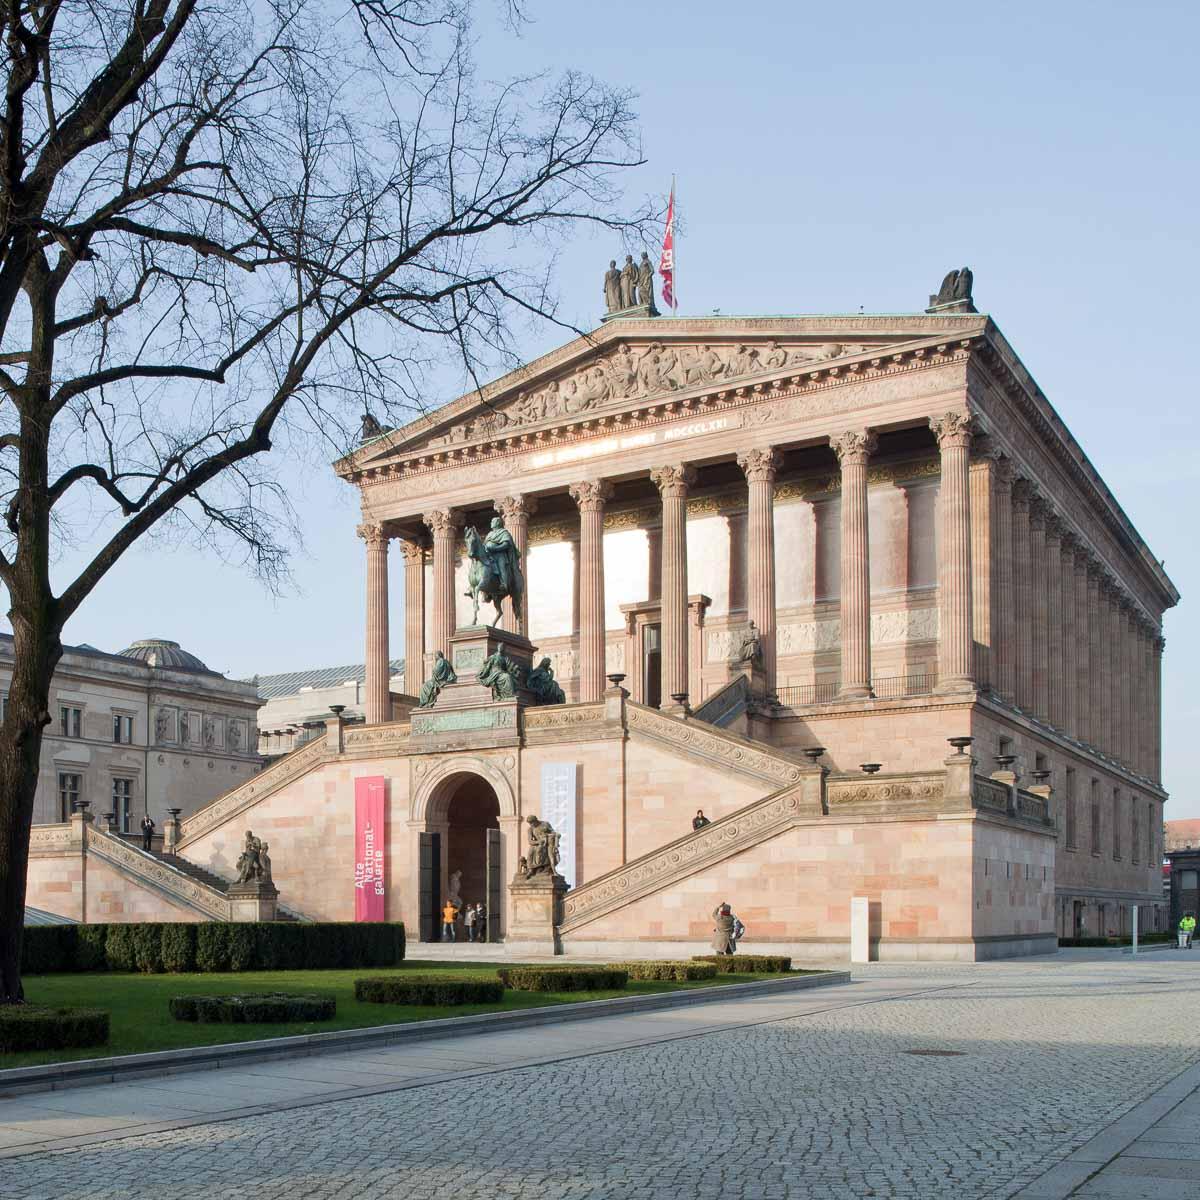 08_Alte_Nationalgalerie_Neues_Museum_Maximilian_Meisse-2